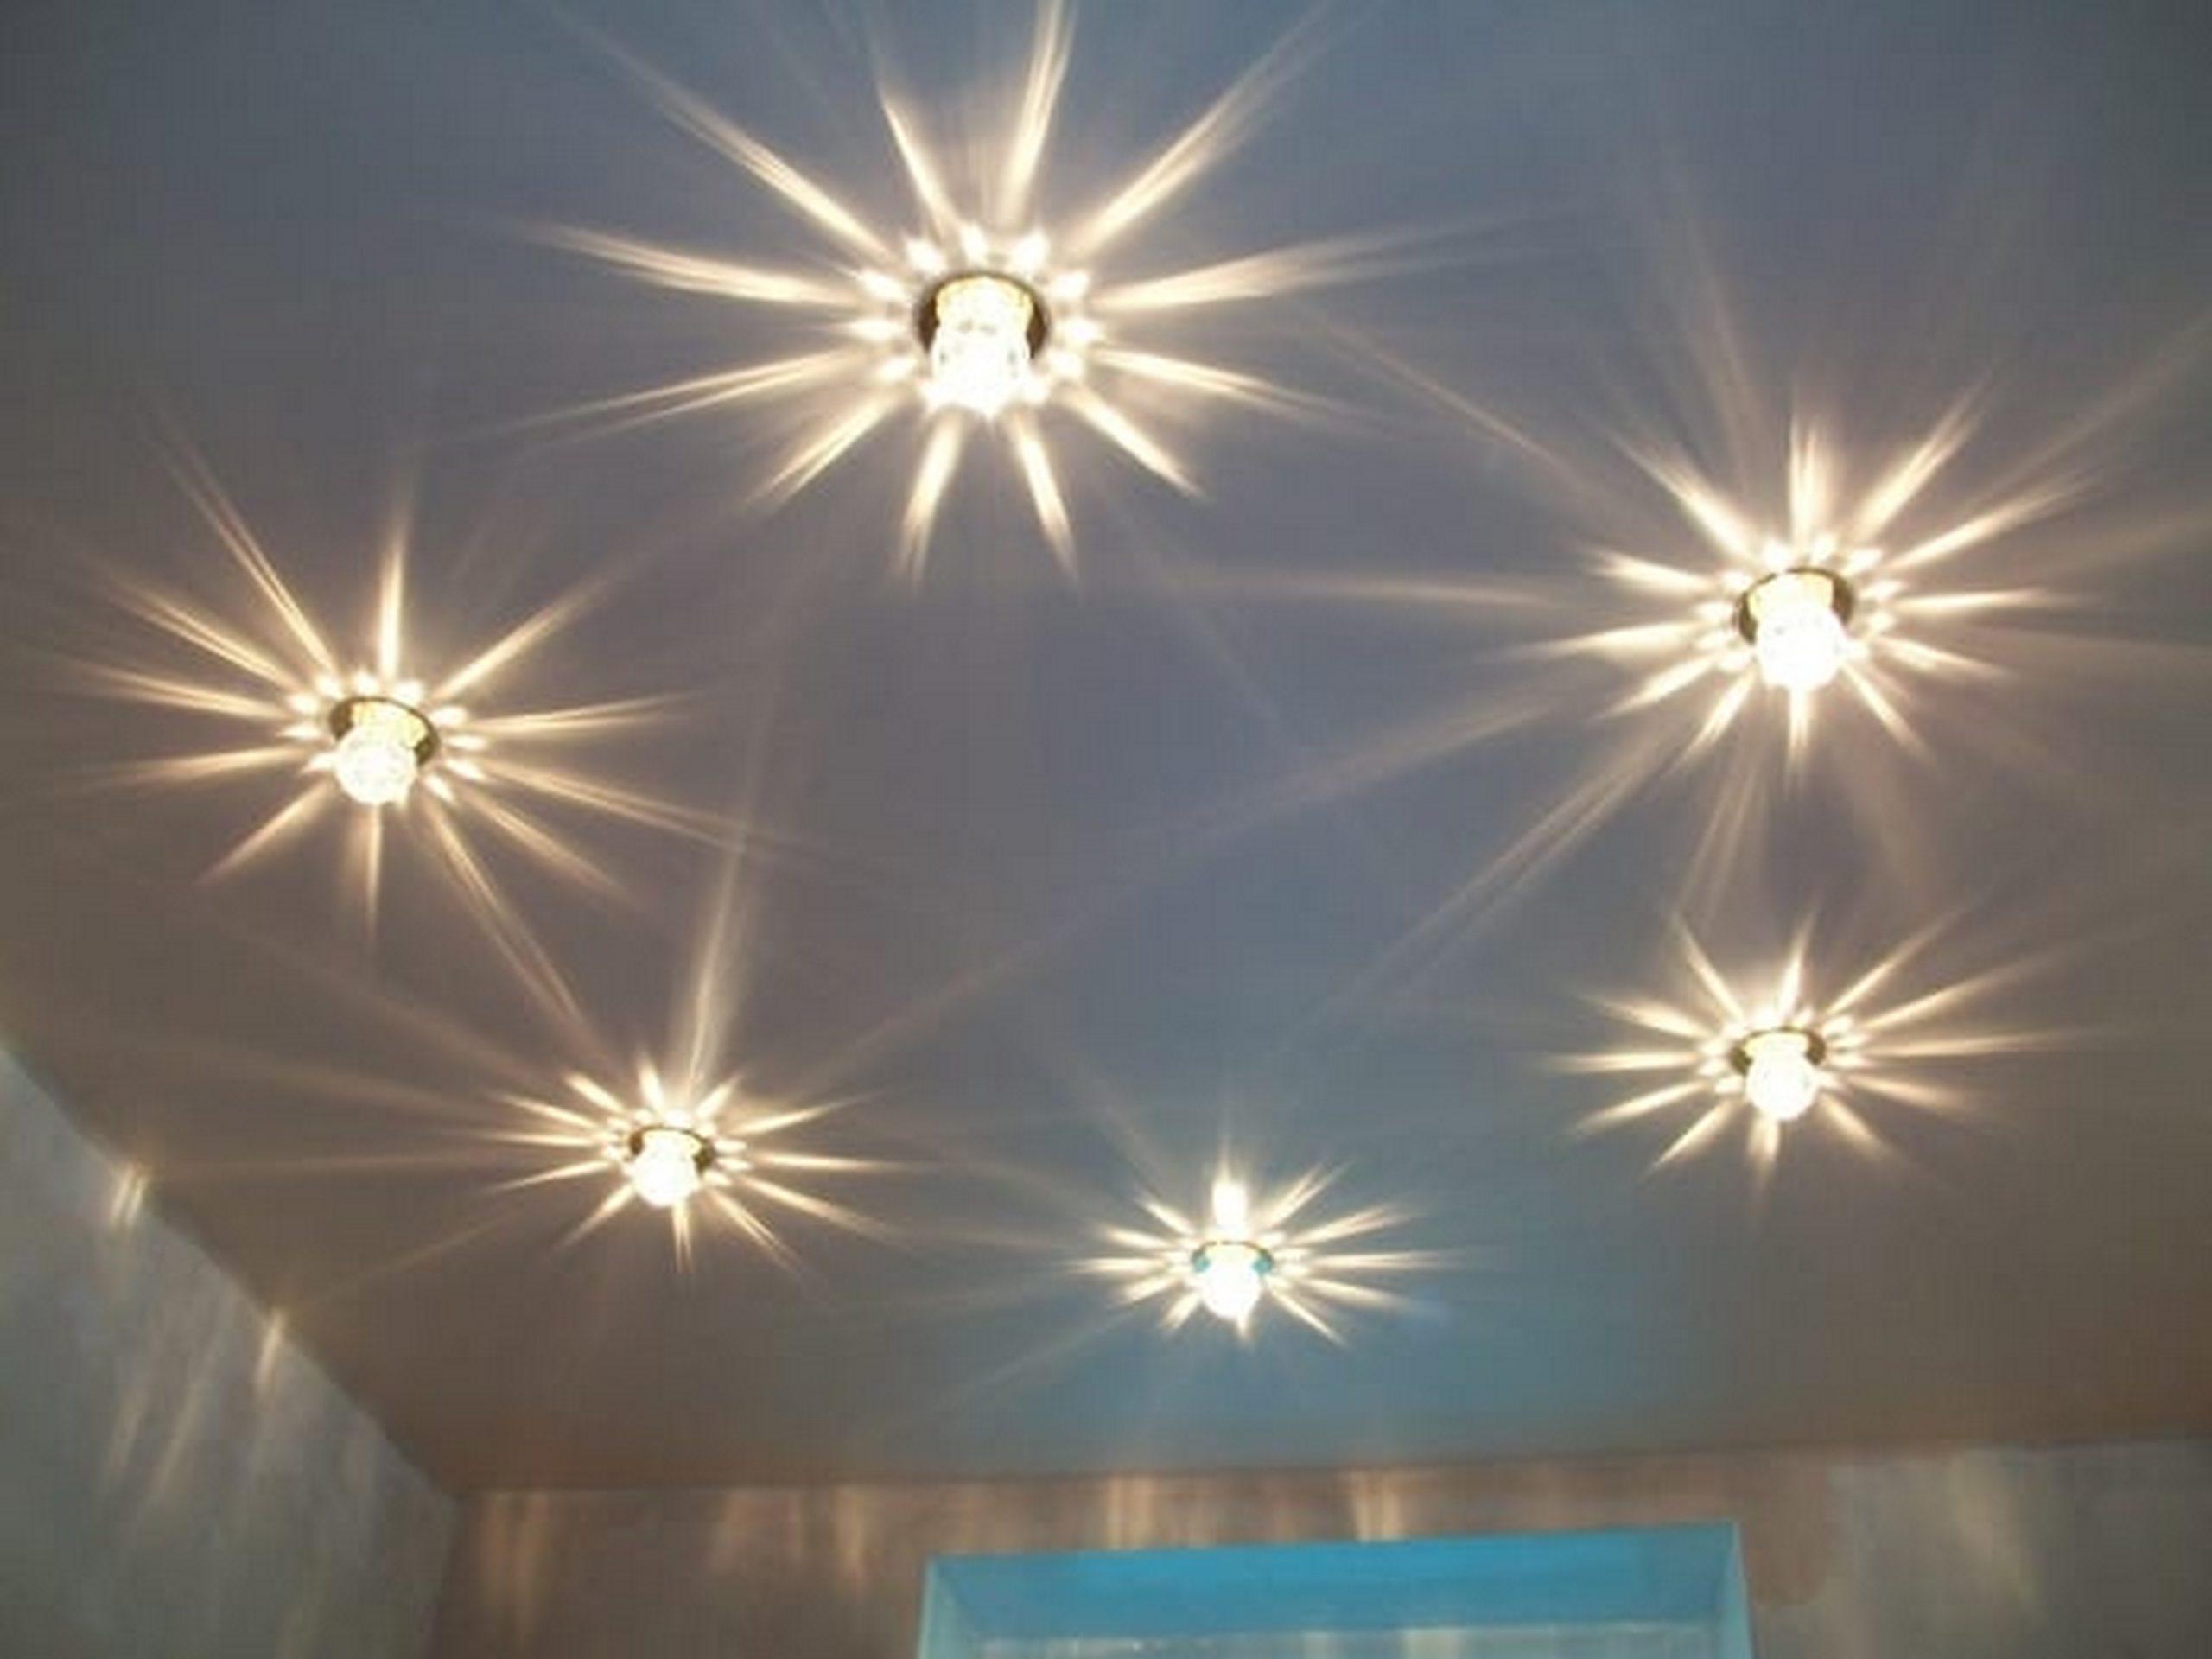 Ошибки и правила расположения точечных светильников на потолке - на кухне, в спальне, в зале, в ванной, в детской